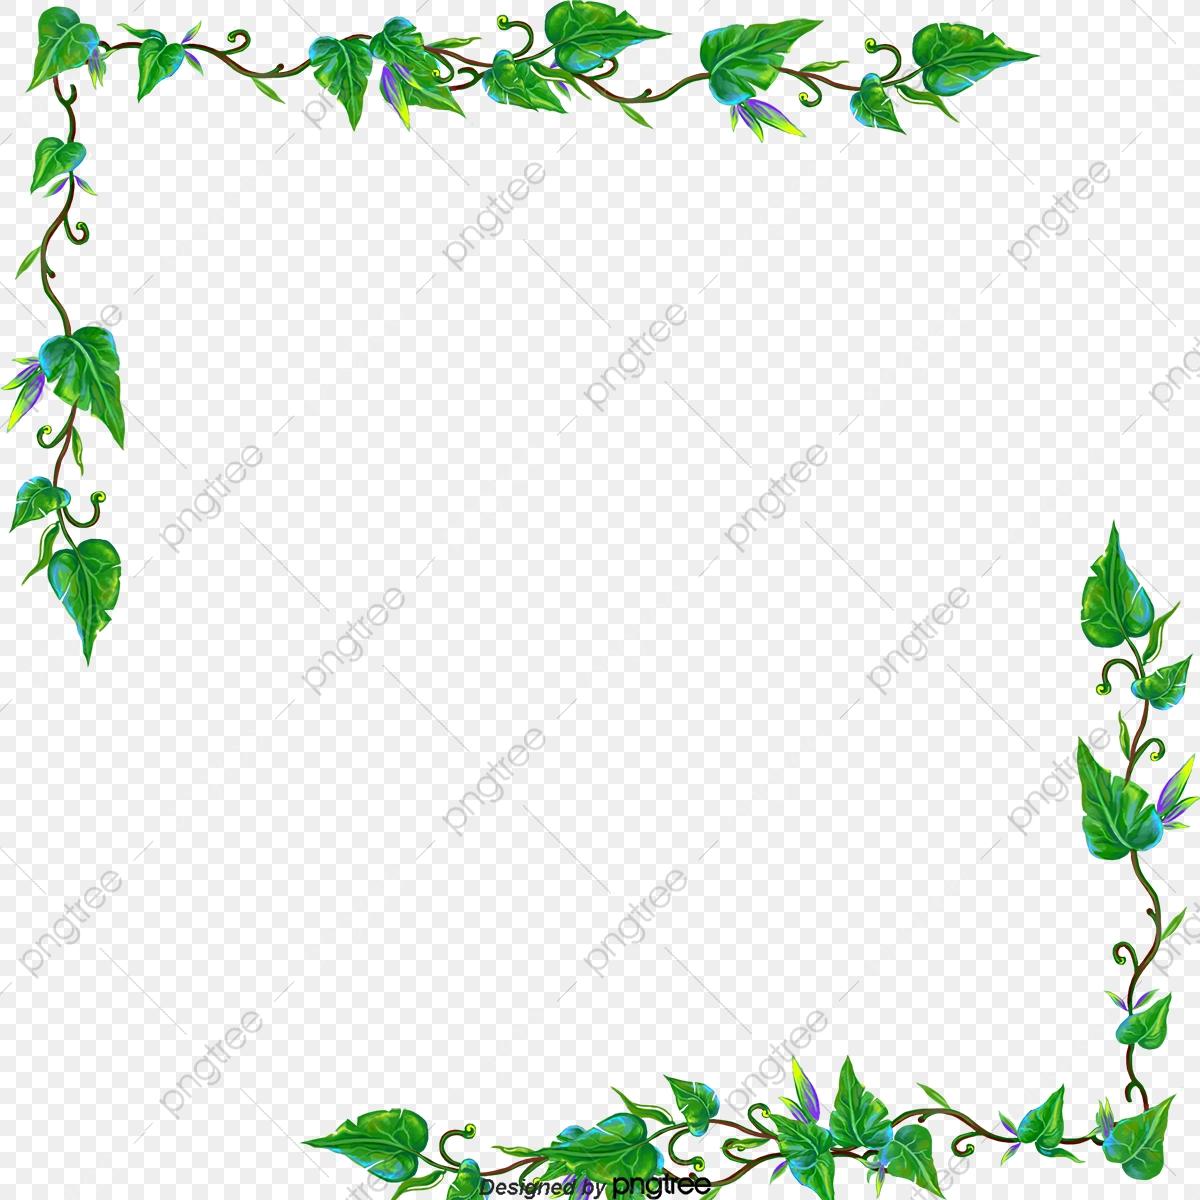 Vines clipart file. Border vine green flower